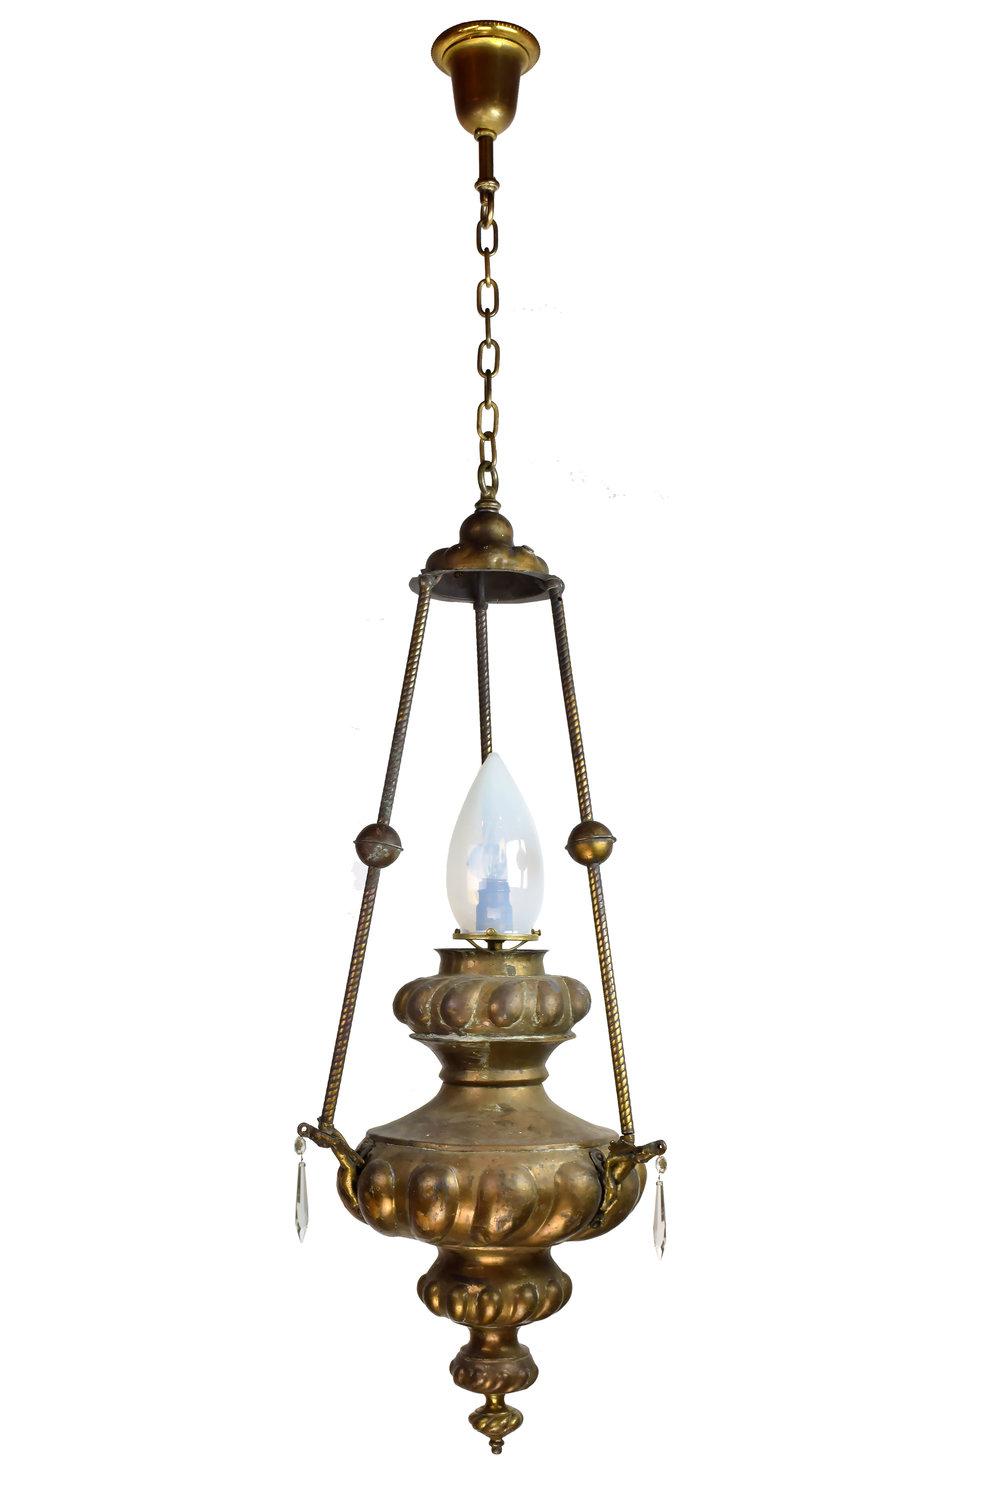 47178-urn-light-pendant-main-image.jpg